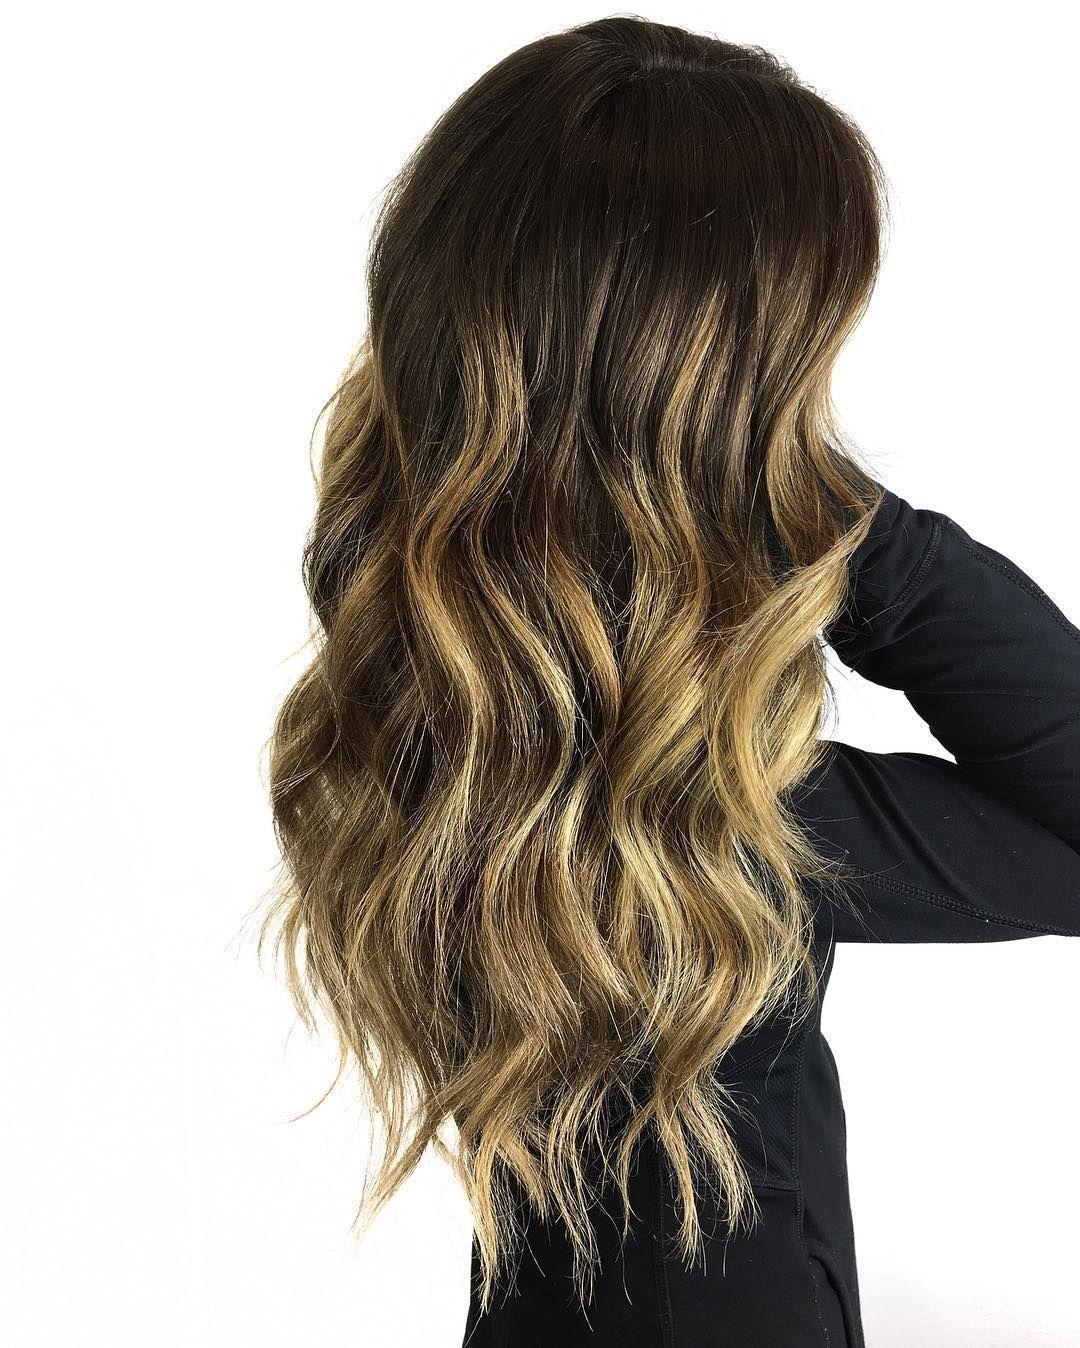 Long Dark,Brown Hair with Yellow,Blonde Balayage